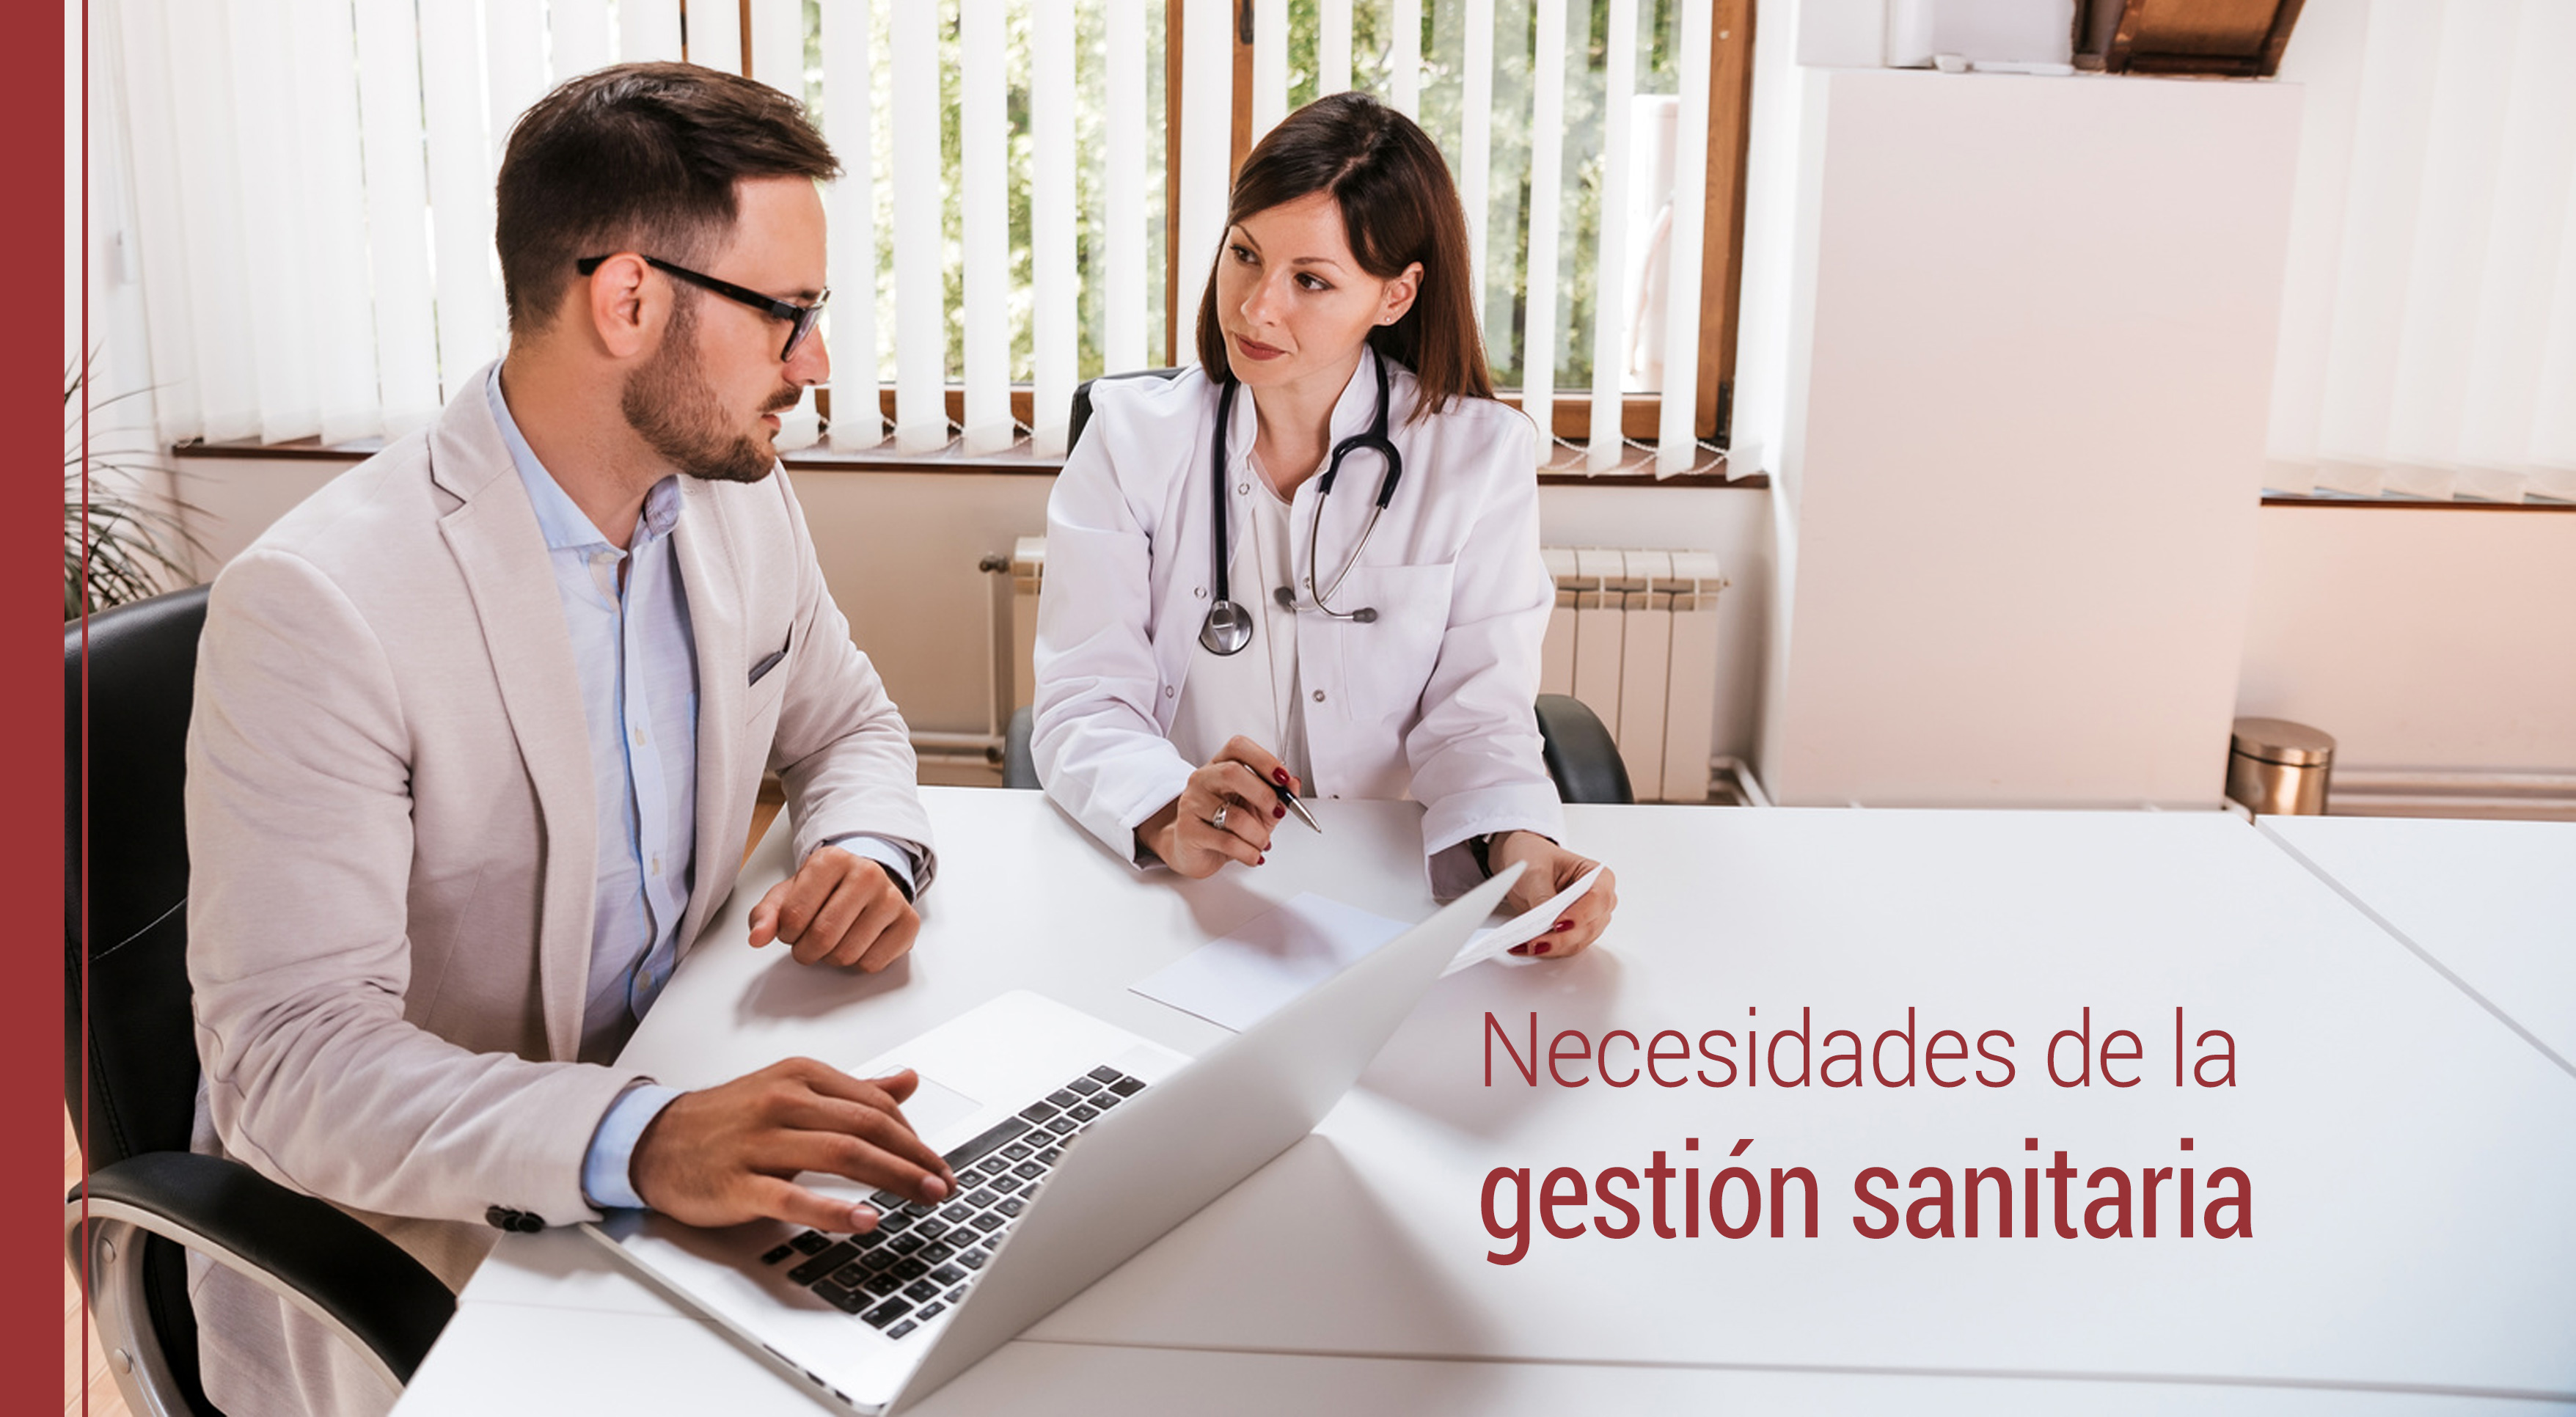 las necesidades urgentes de la gestion sanitaria